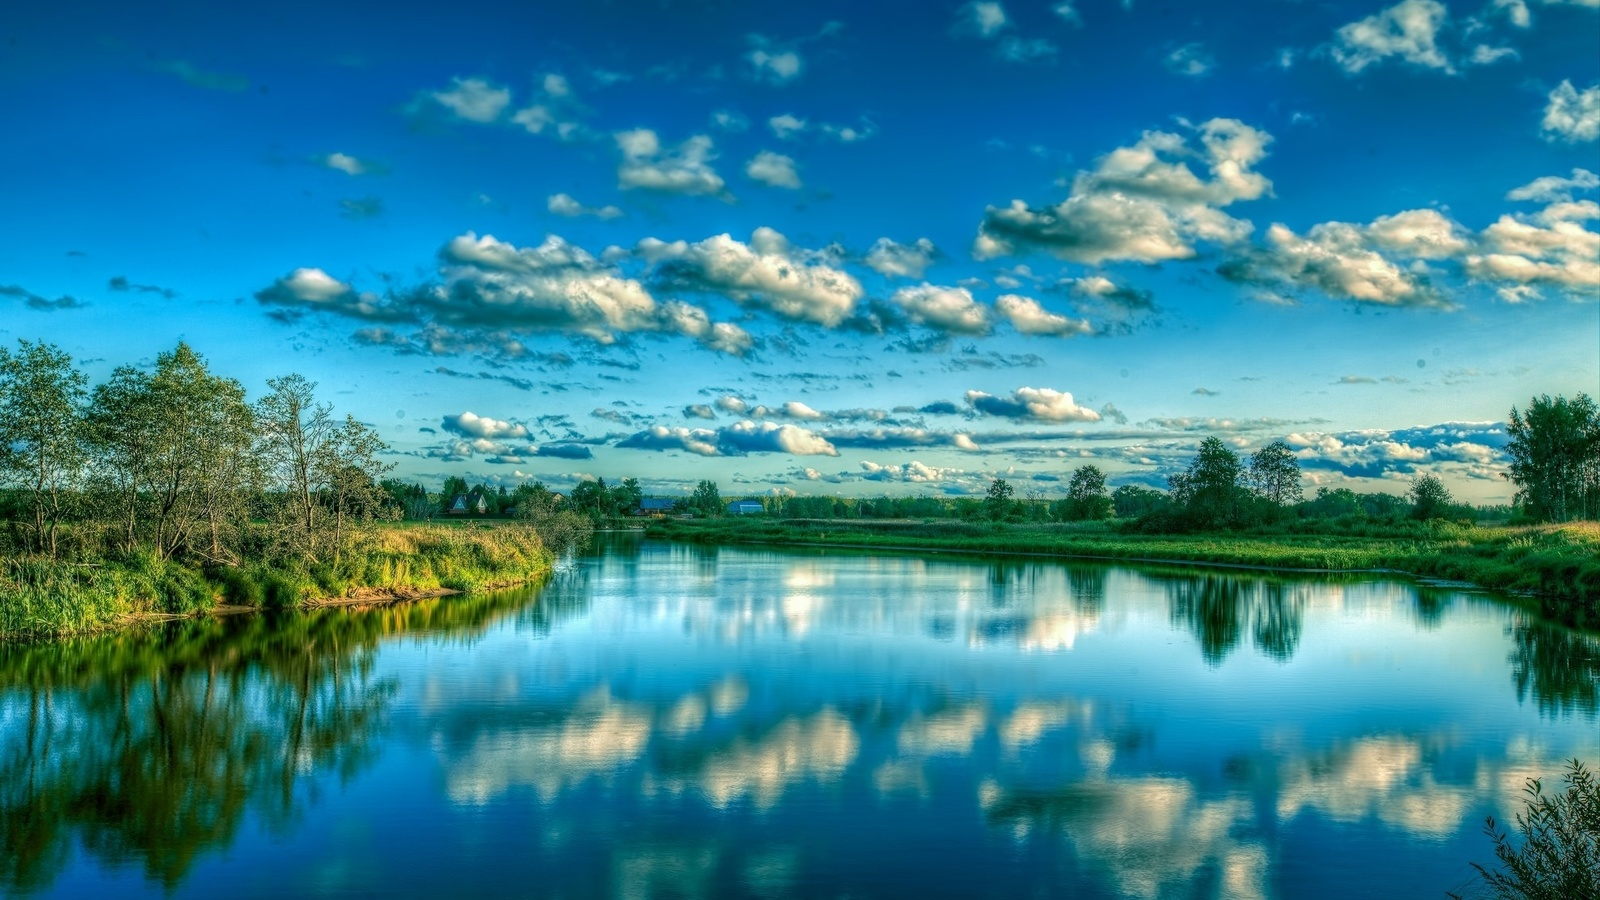 природа, река, рыбалка, лето, вода, отражение, небо, облака, красиво